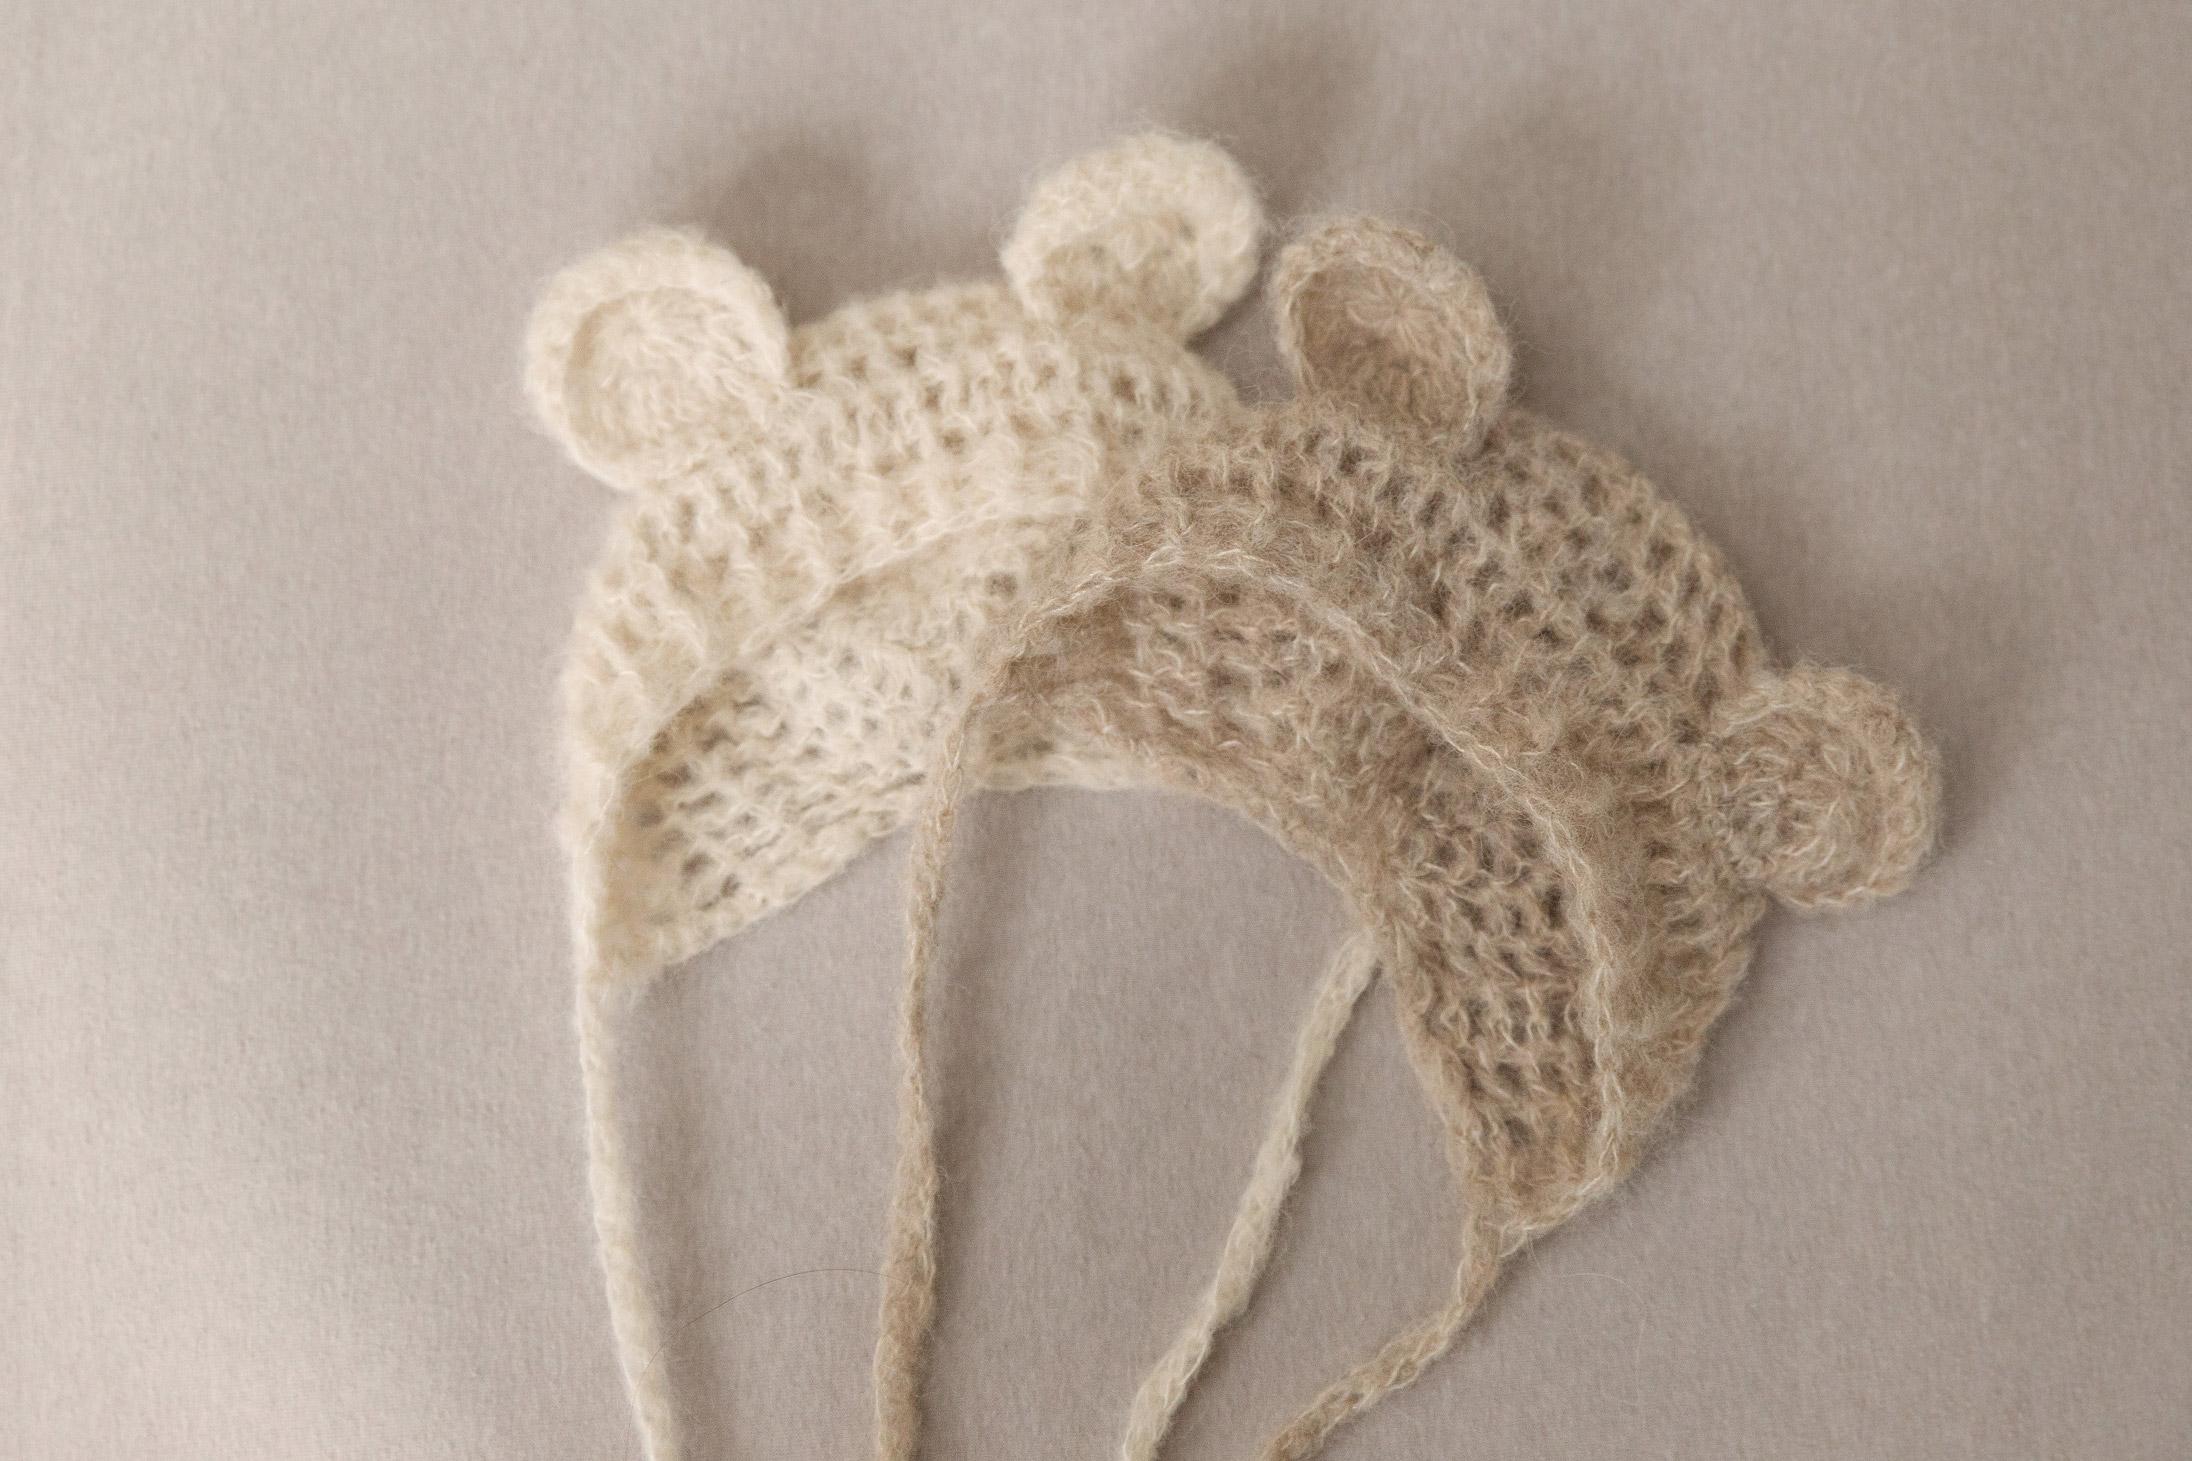 newborn-photos-st-albans-props-bear-hats.jpg